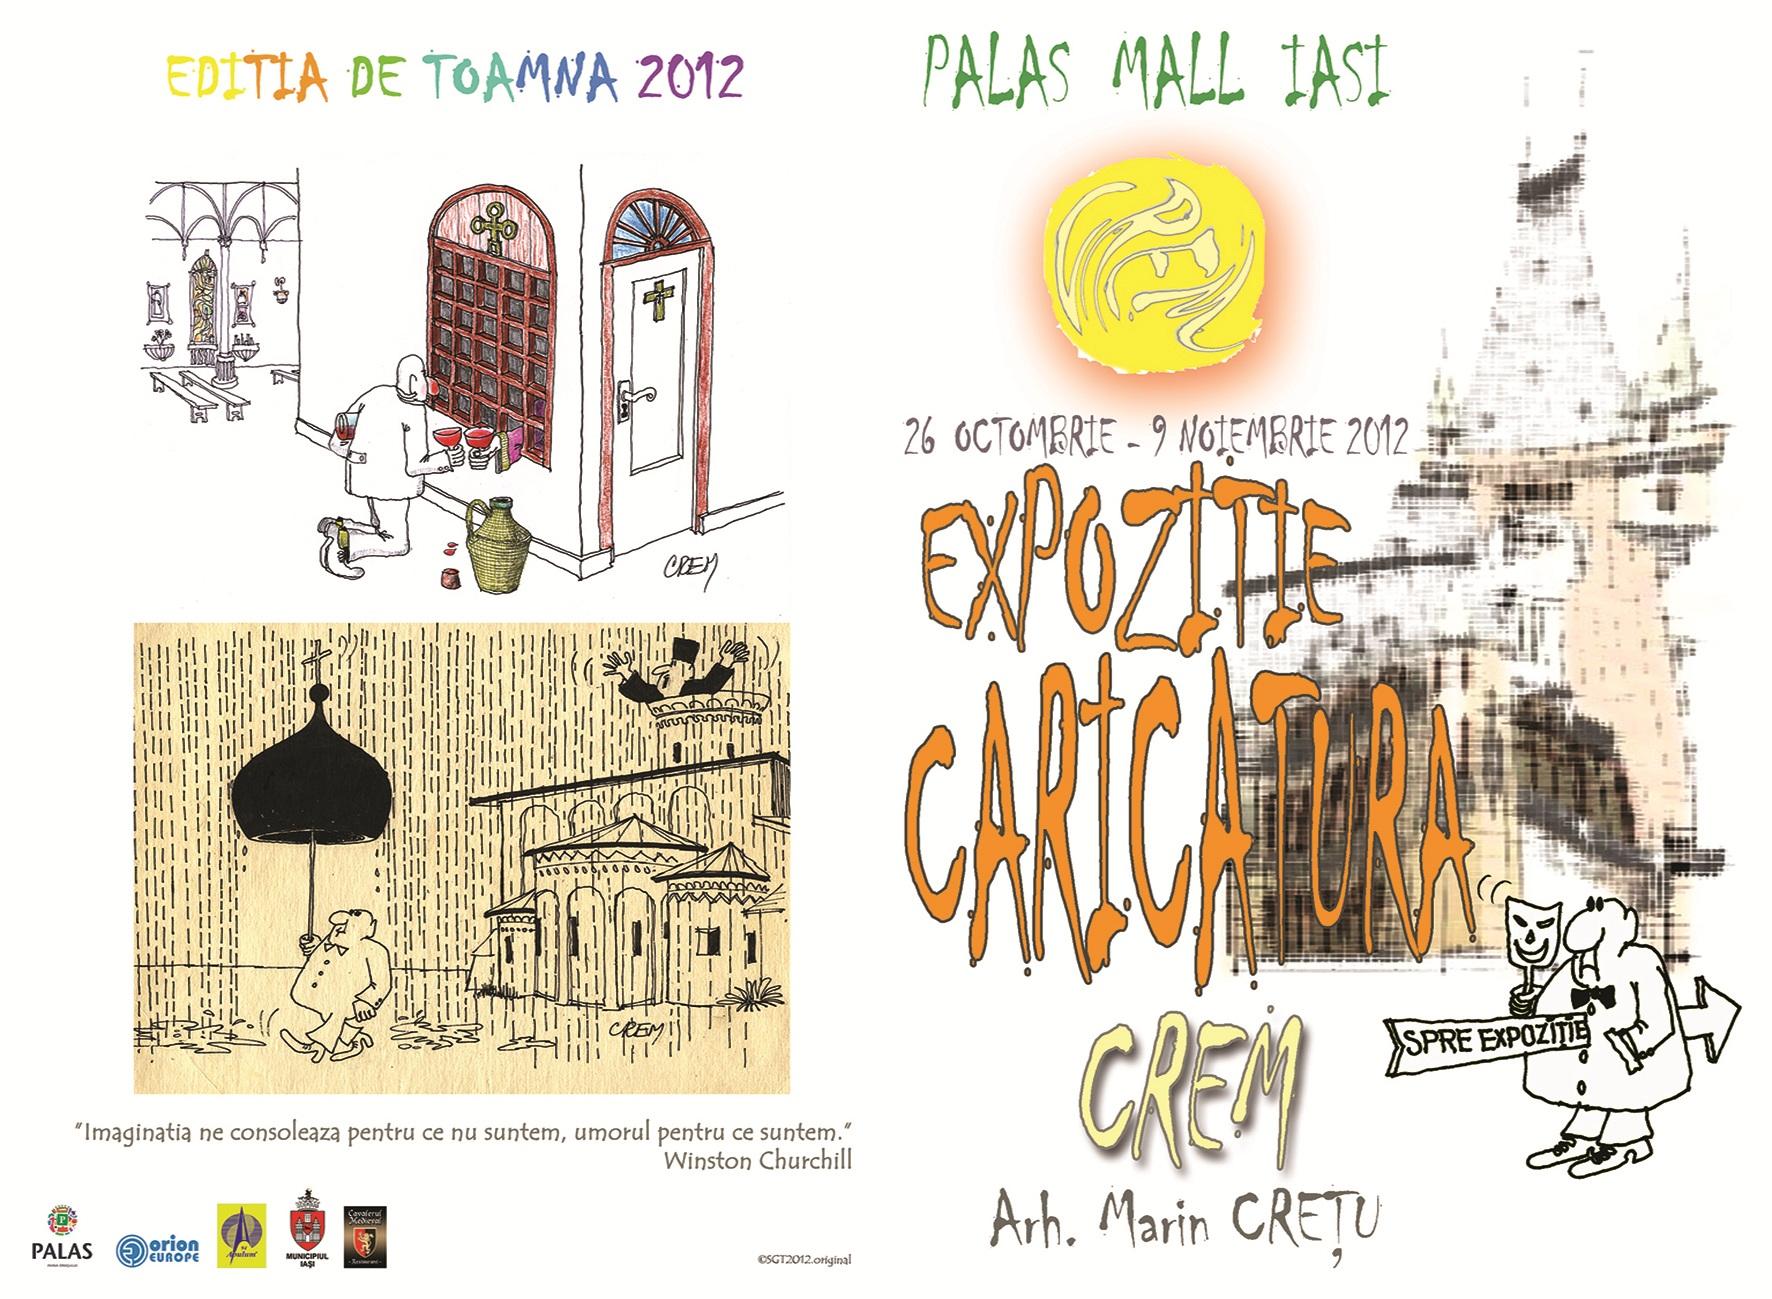 Expozitiei de caricatura CREM/ 26 octombrie - 9 noiembrie pliant fata